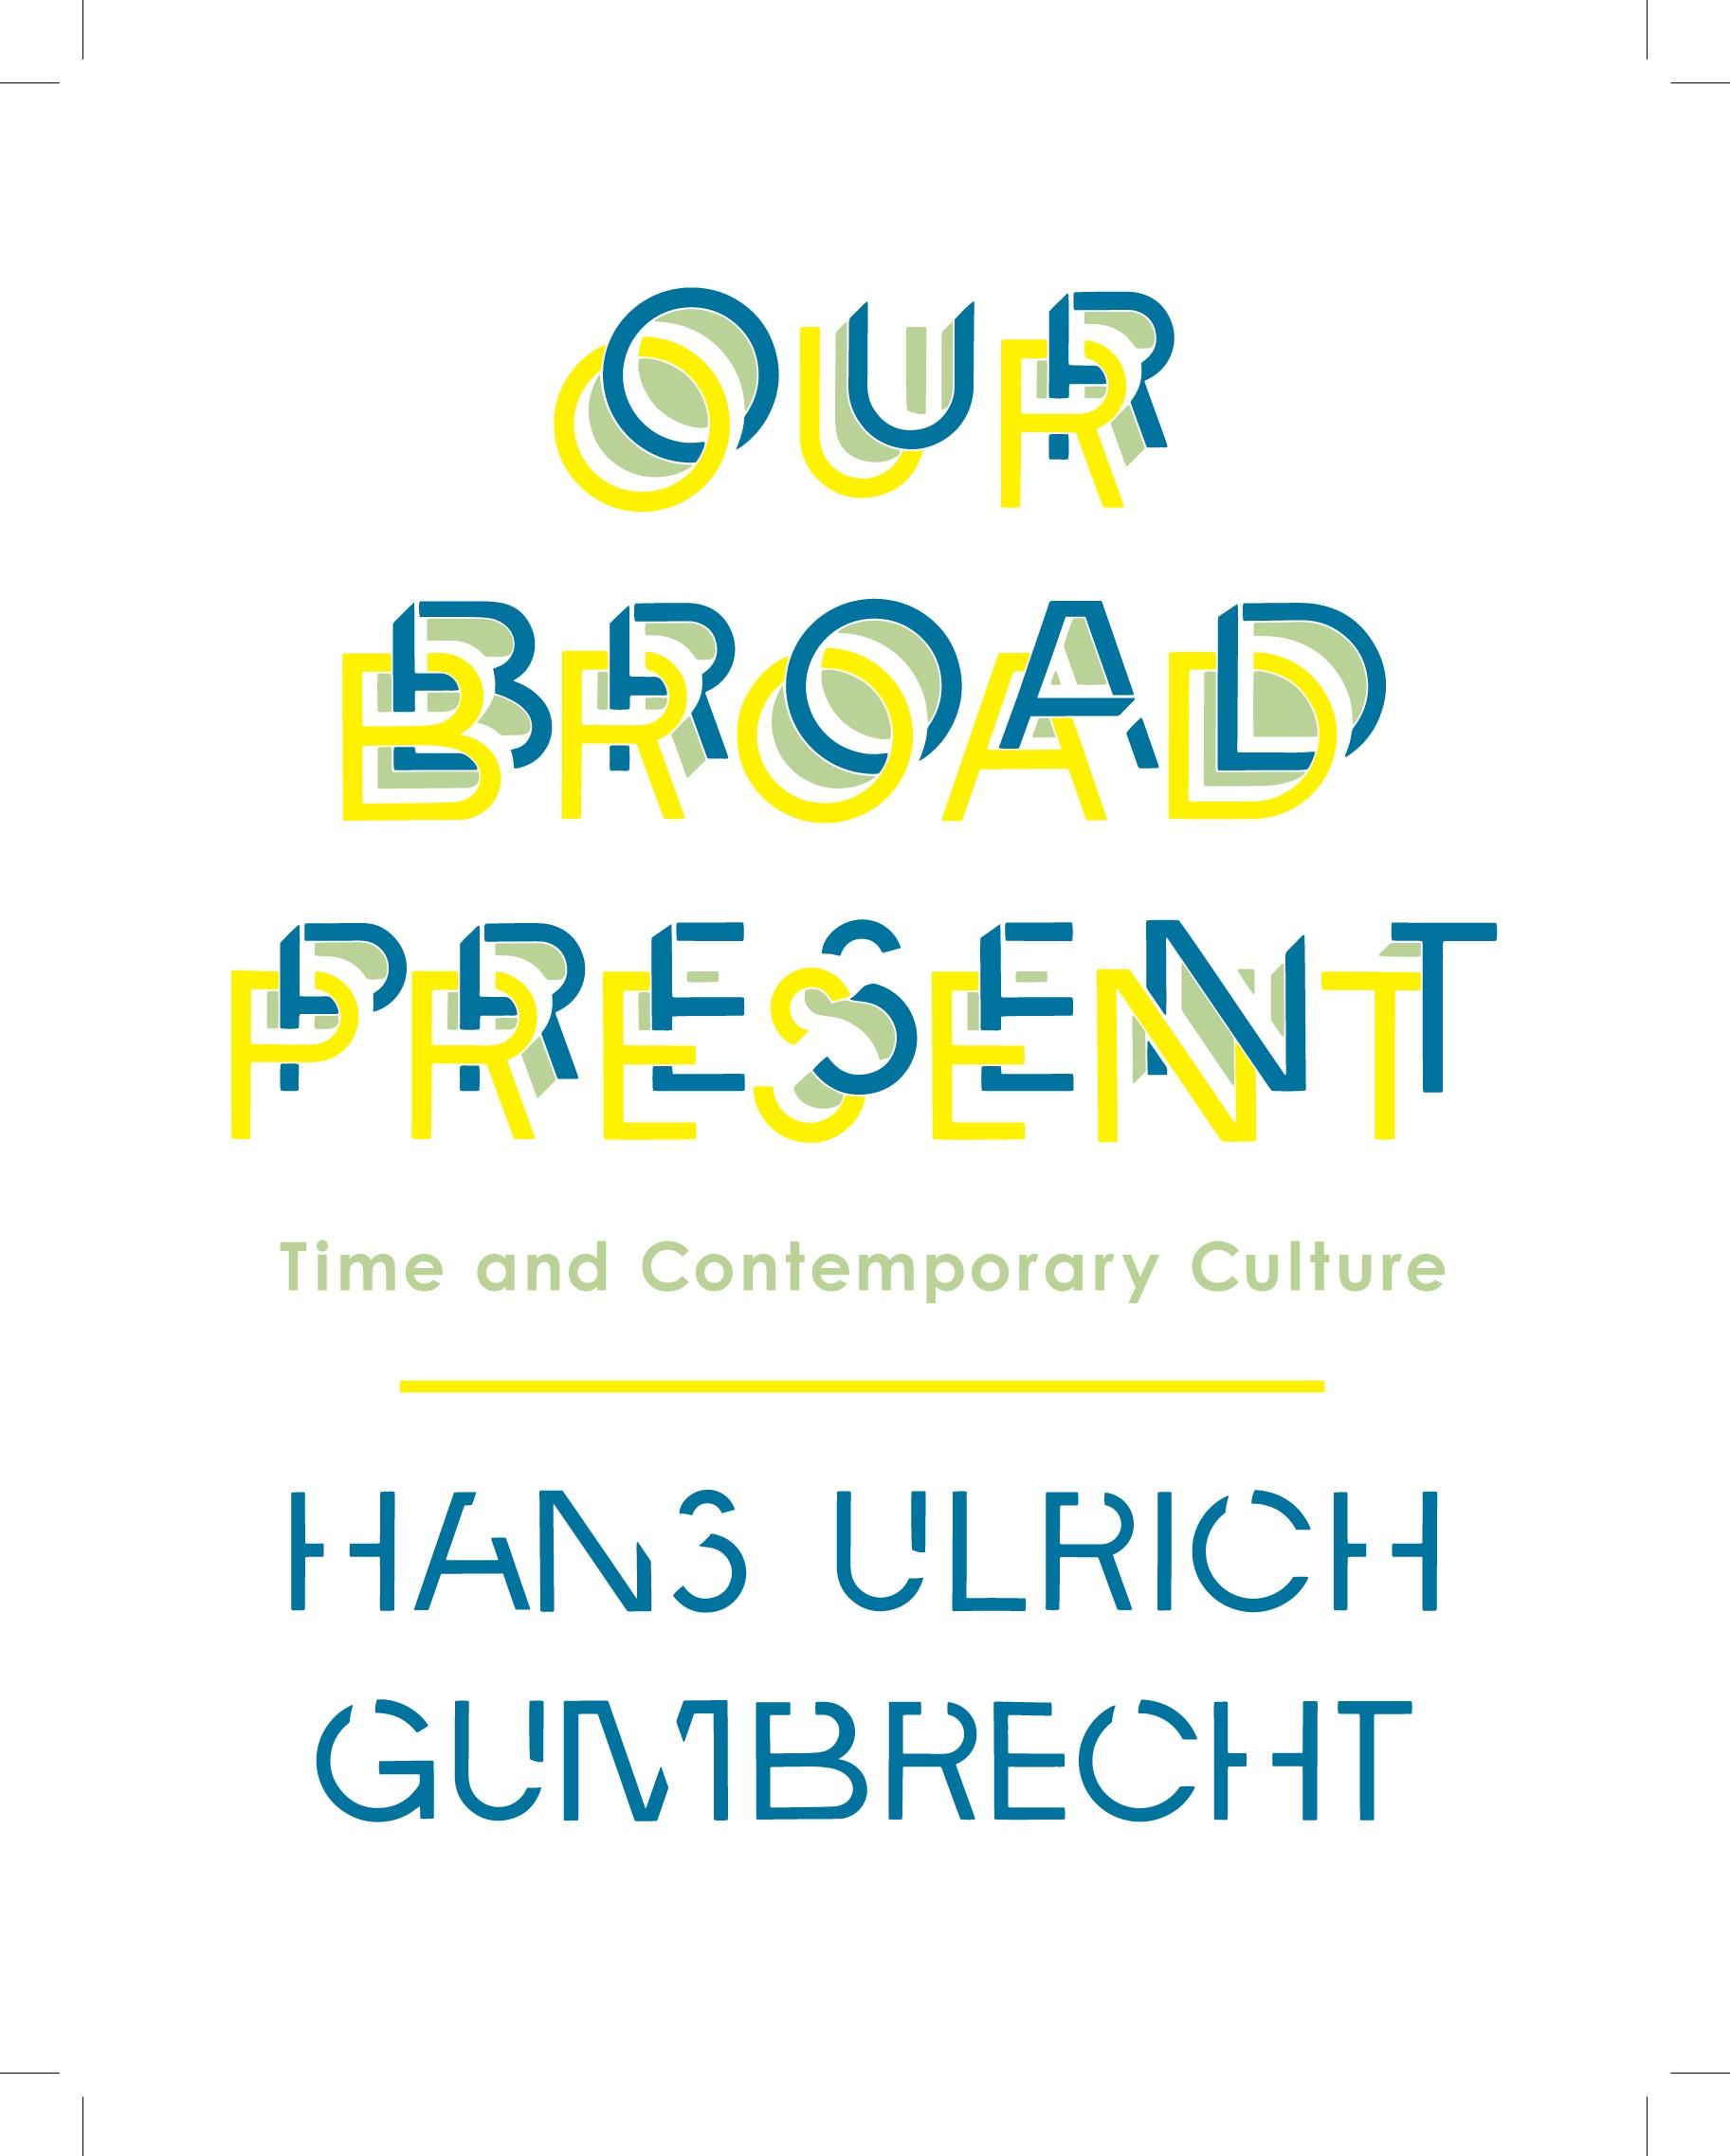 Abbildung von Gumbrecht | Our Broad Present | 2014